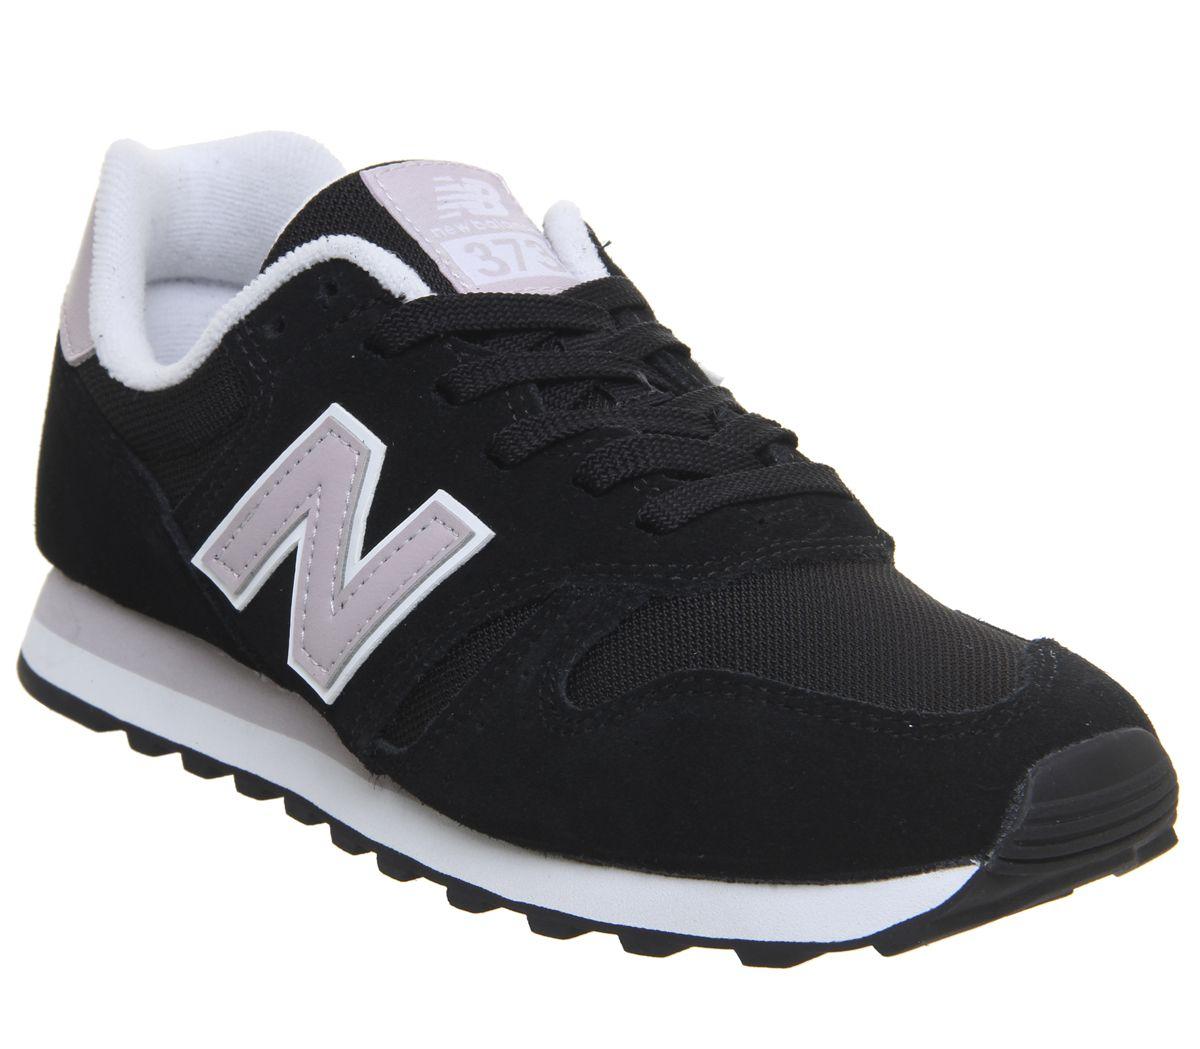 détaillant en ligne 07d7b 670b2 New Balance W373 Black Light Cashmere - Hers trainers